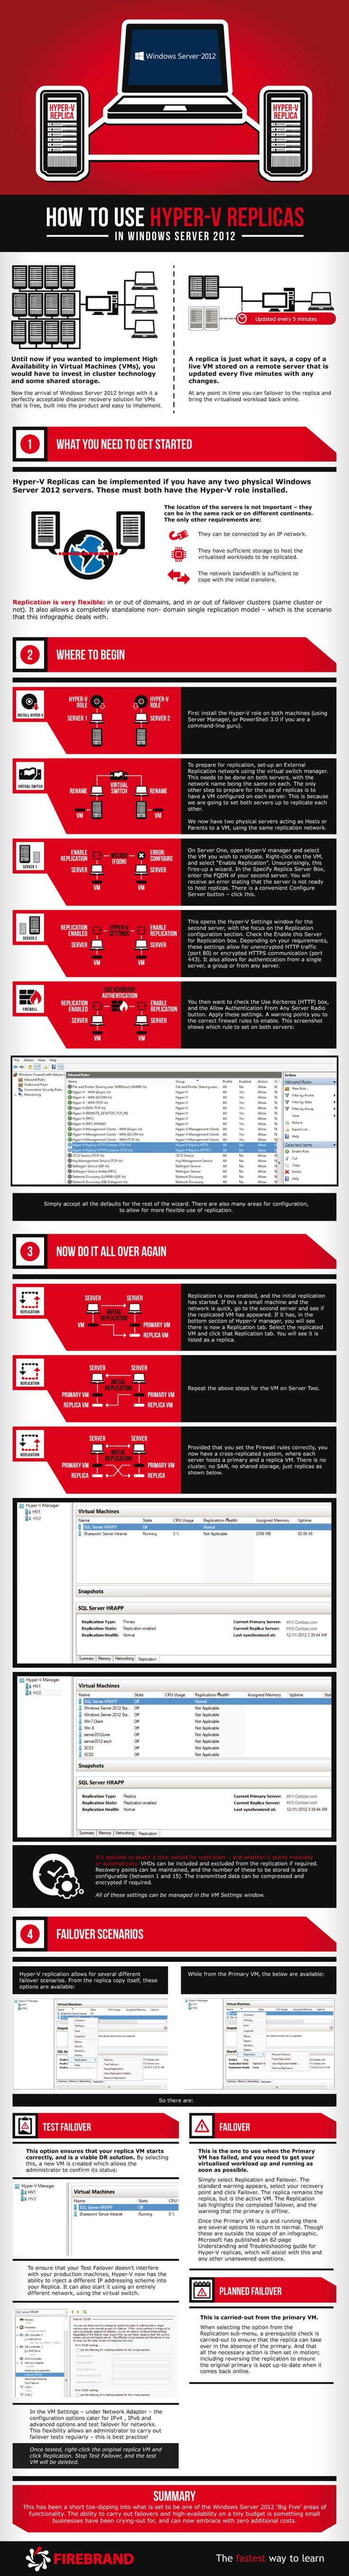 Windows Server 2012's Hyper-V Replicas to the Rescue